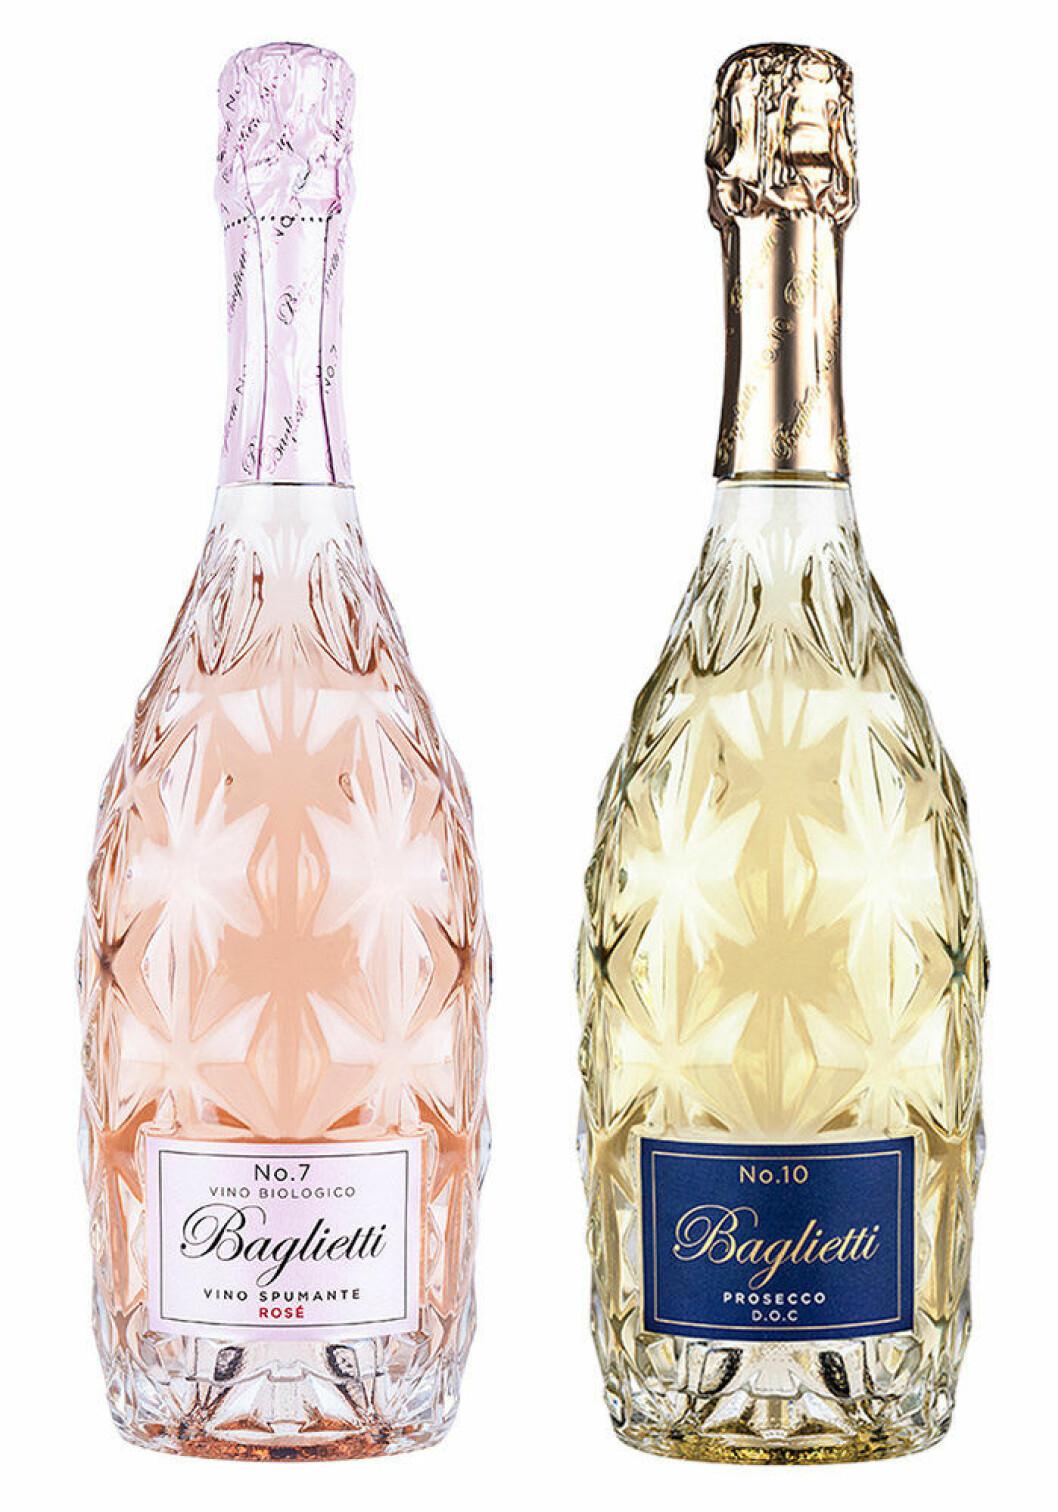 Baglietti Rosé Extra Dry No. 7 och Baglietti Prosecco No. 10.